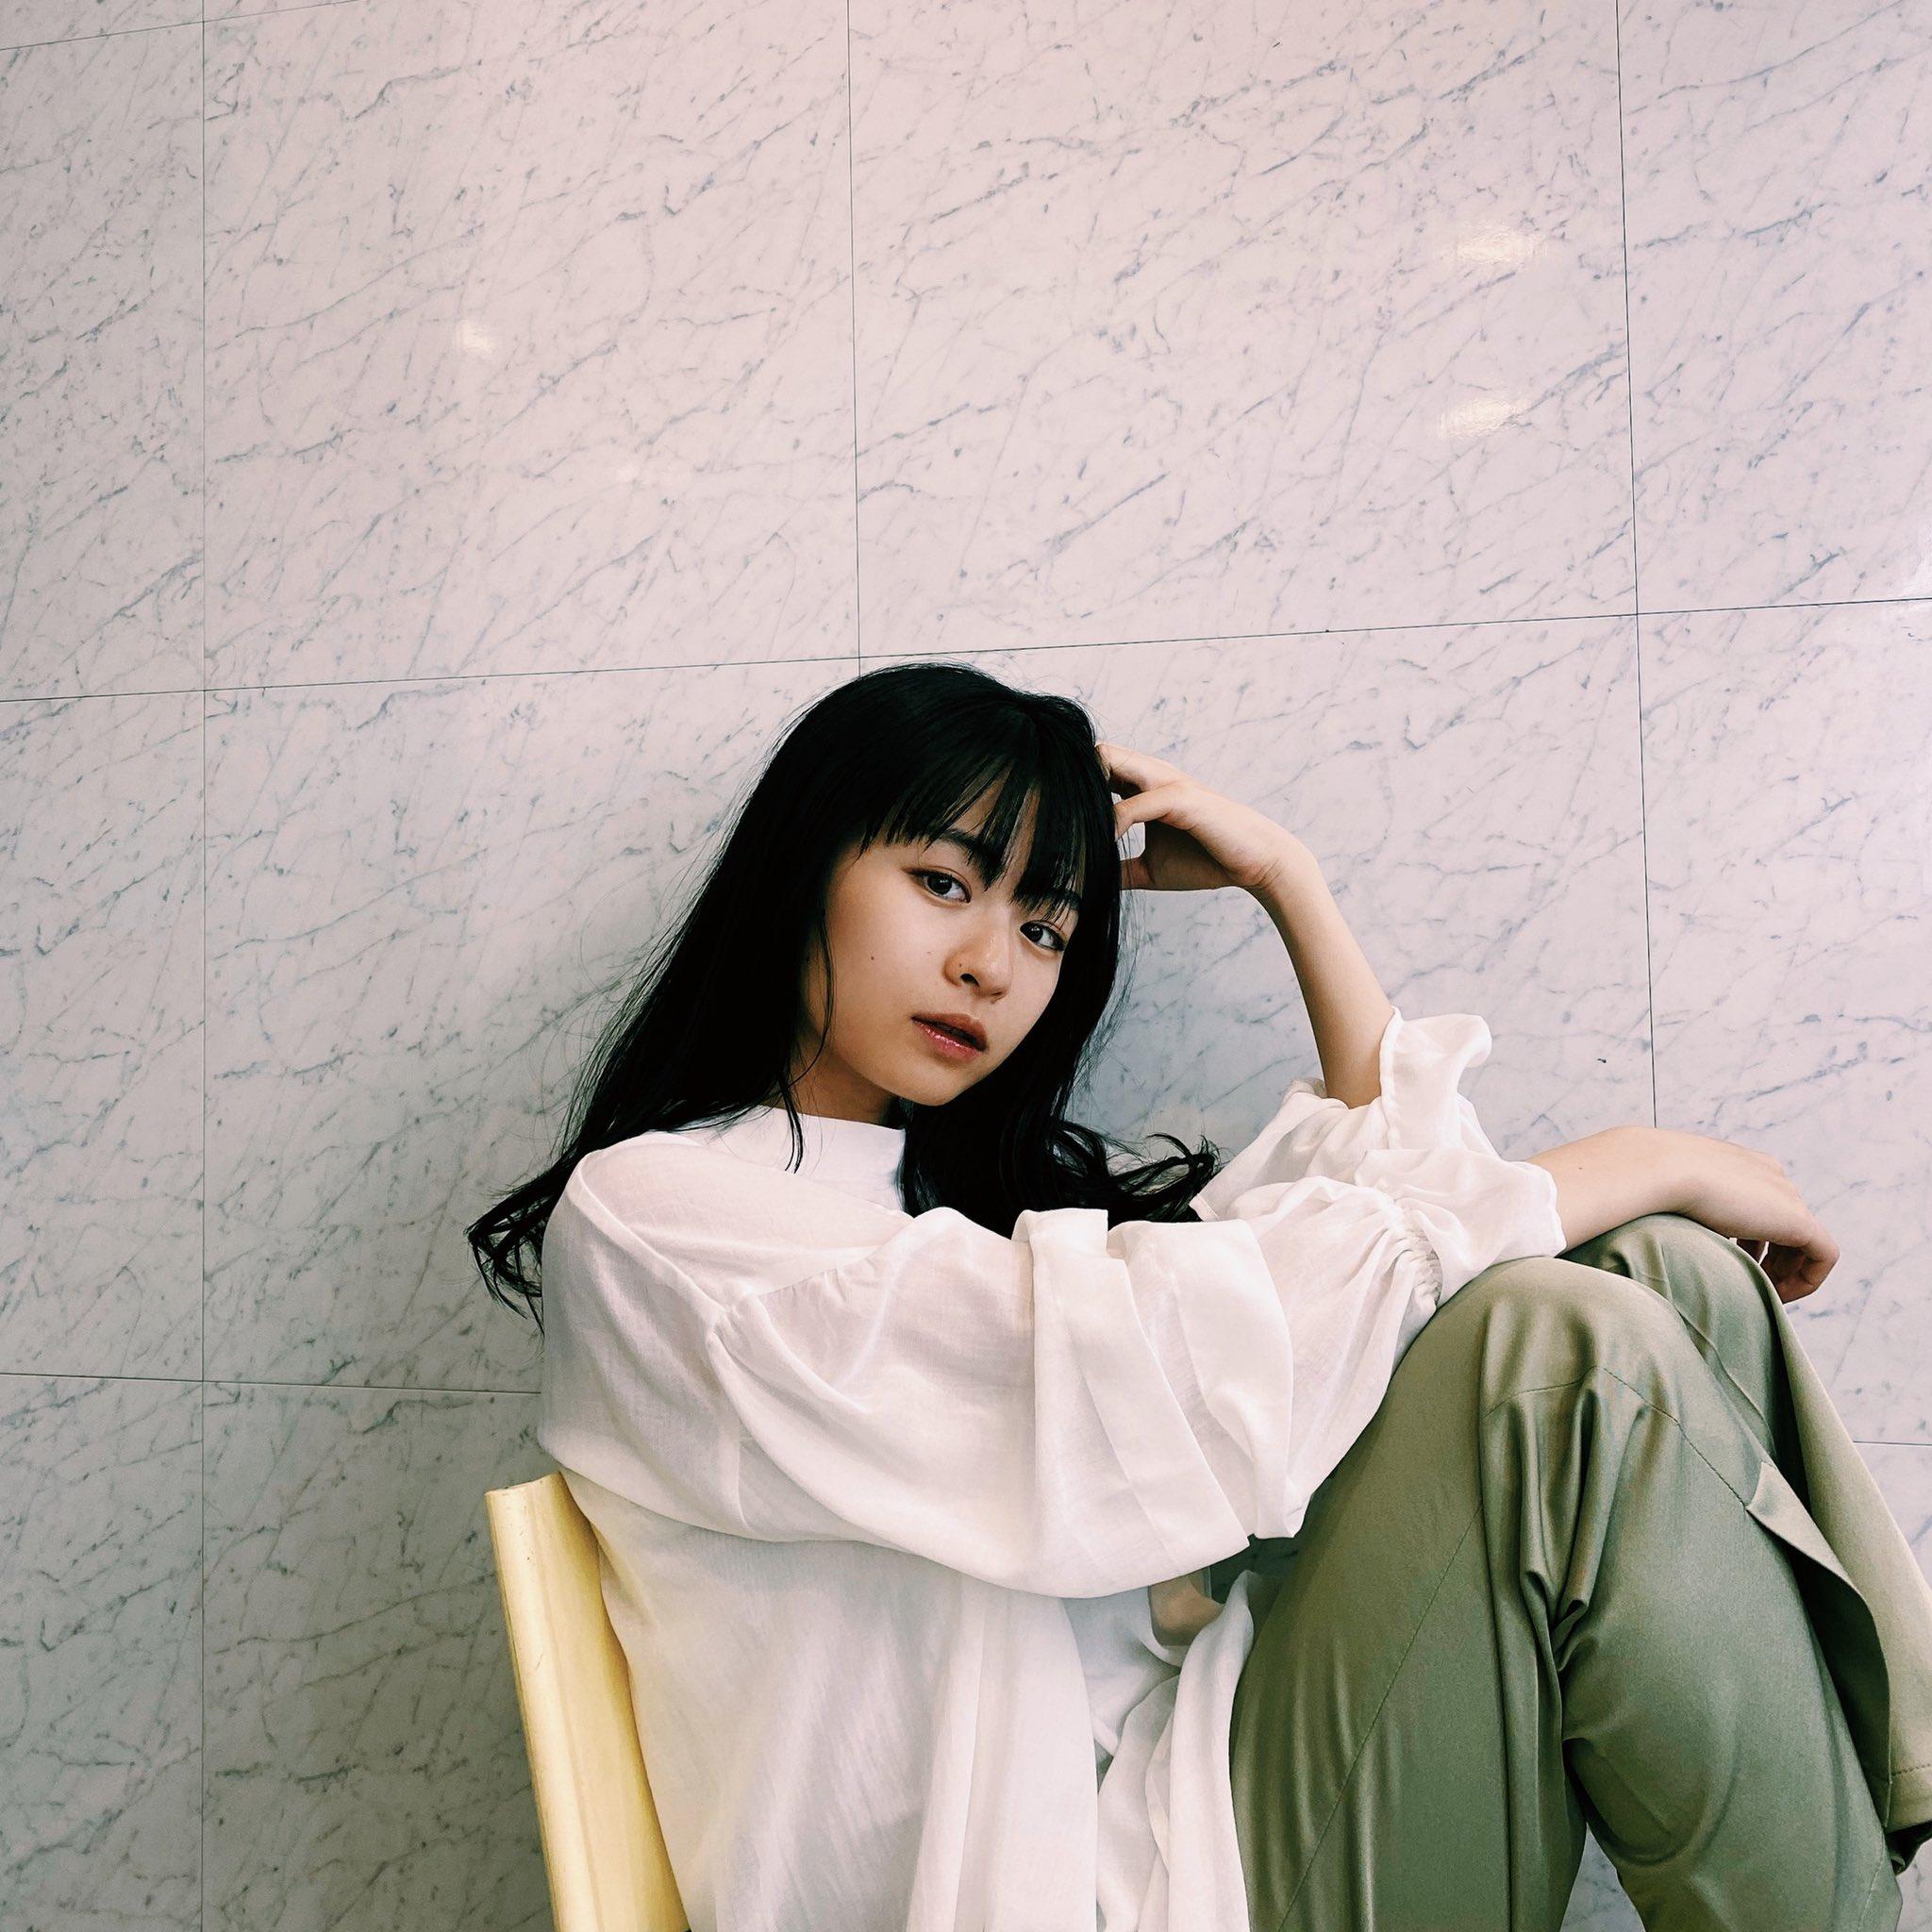 莉子 (モデル)の画像 p1_32